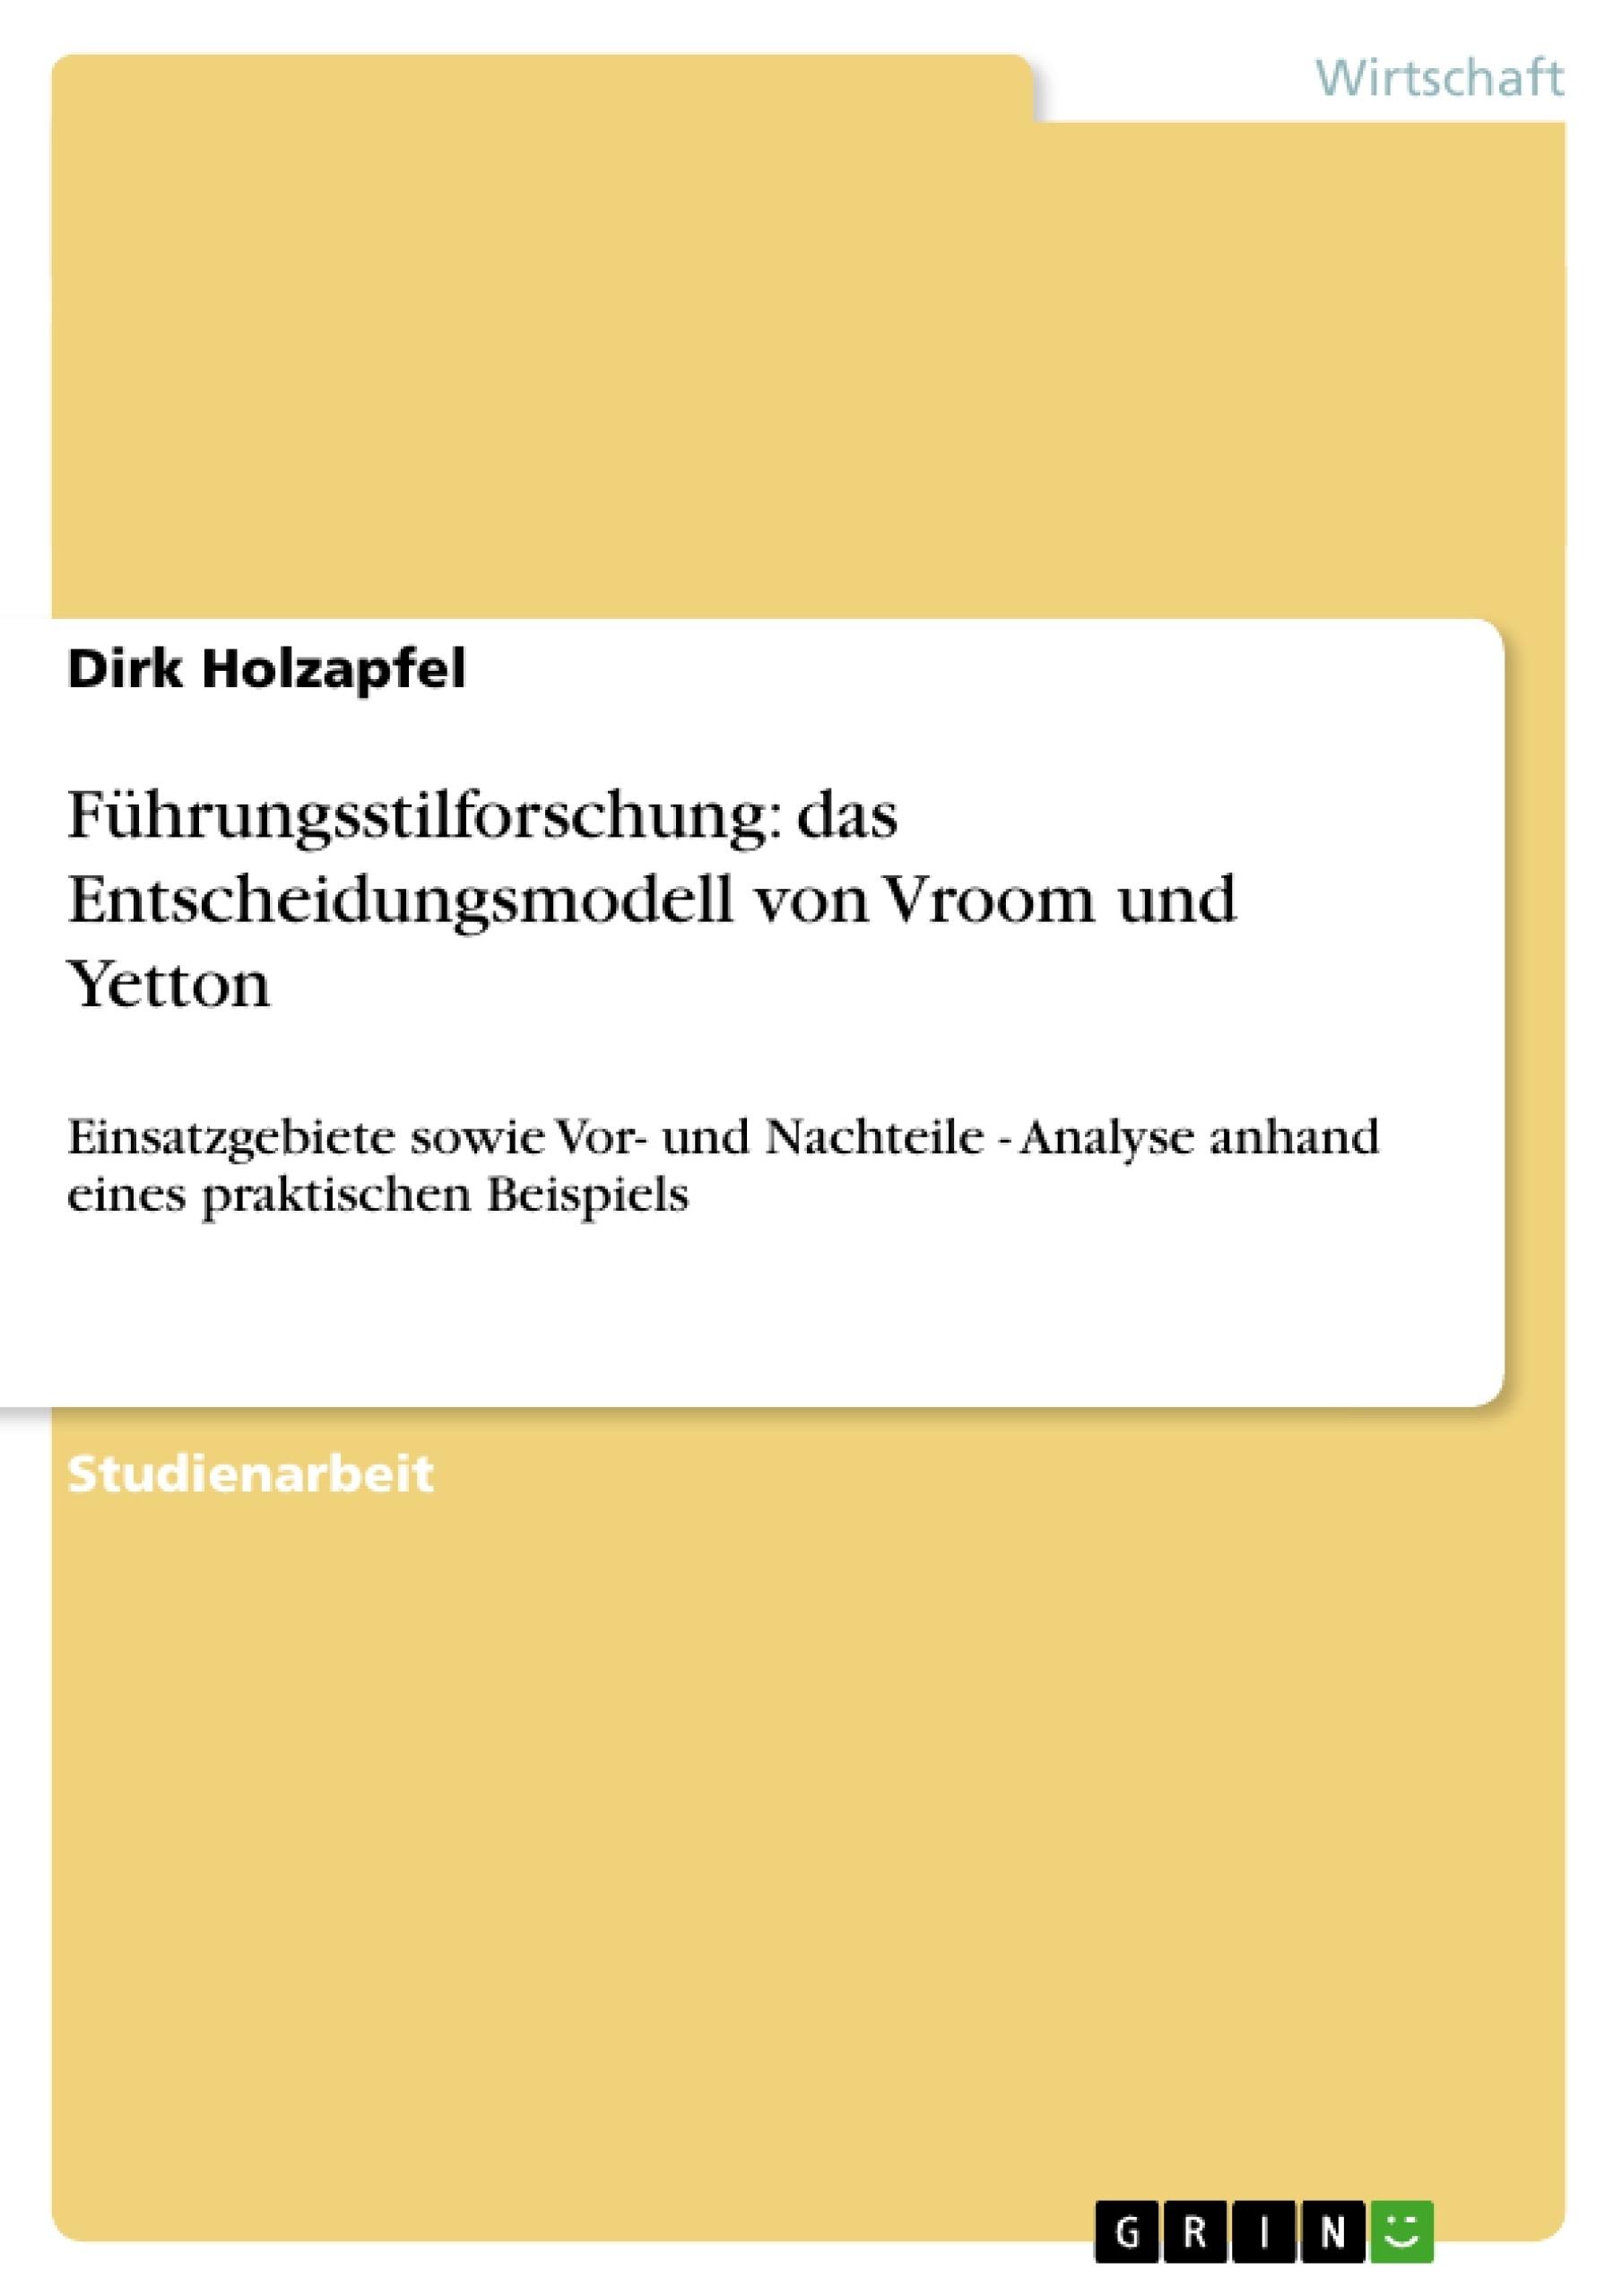 Titel: Führungsstilforschung: das Entscheidungsmodell von Vroom und Yetton